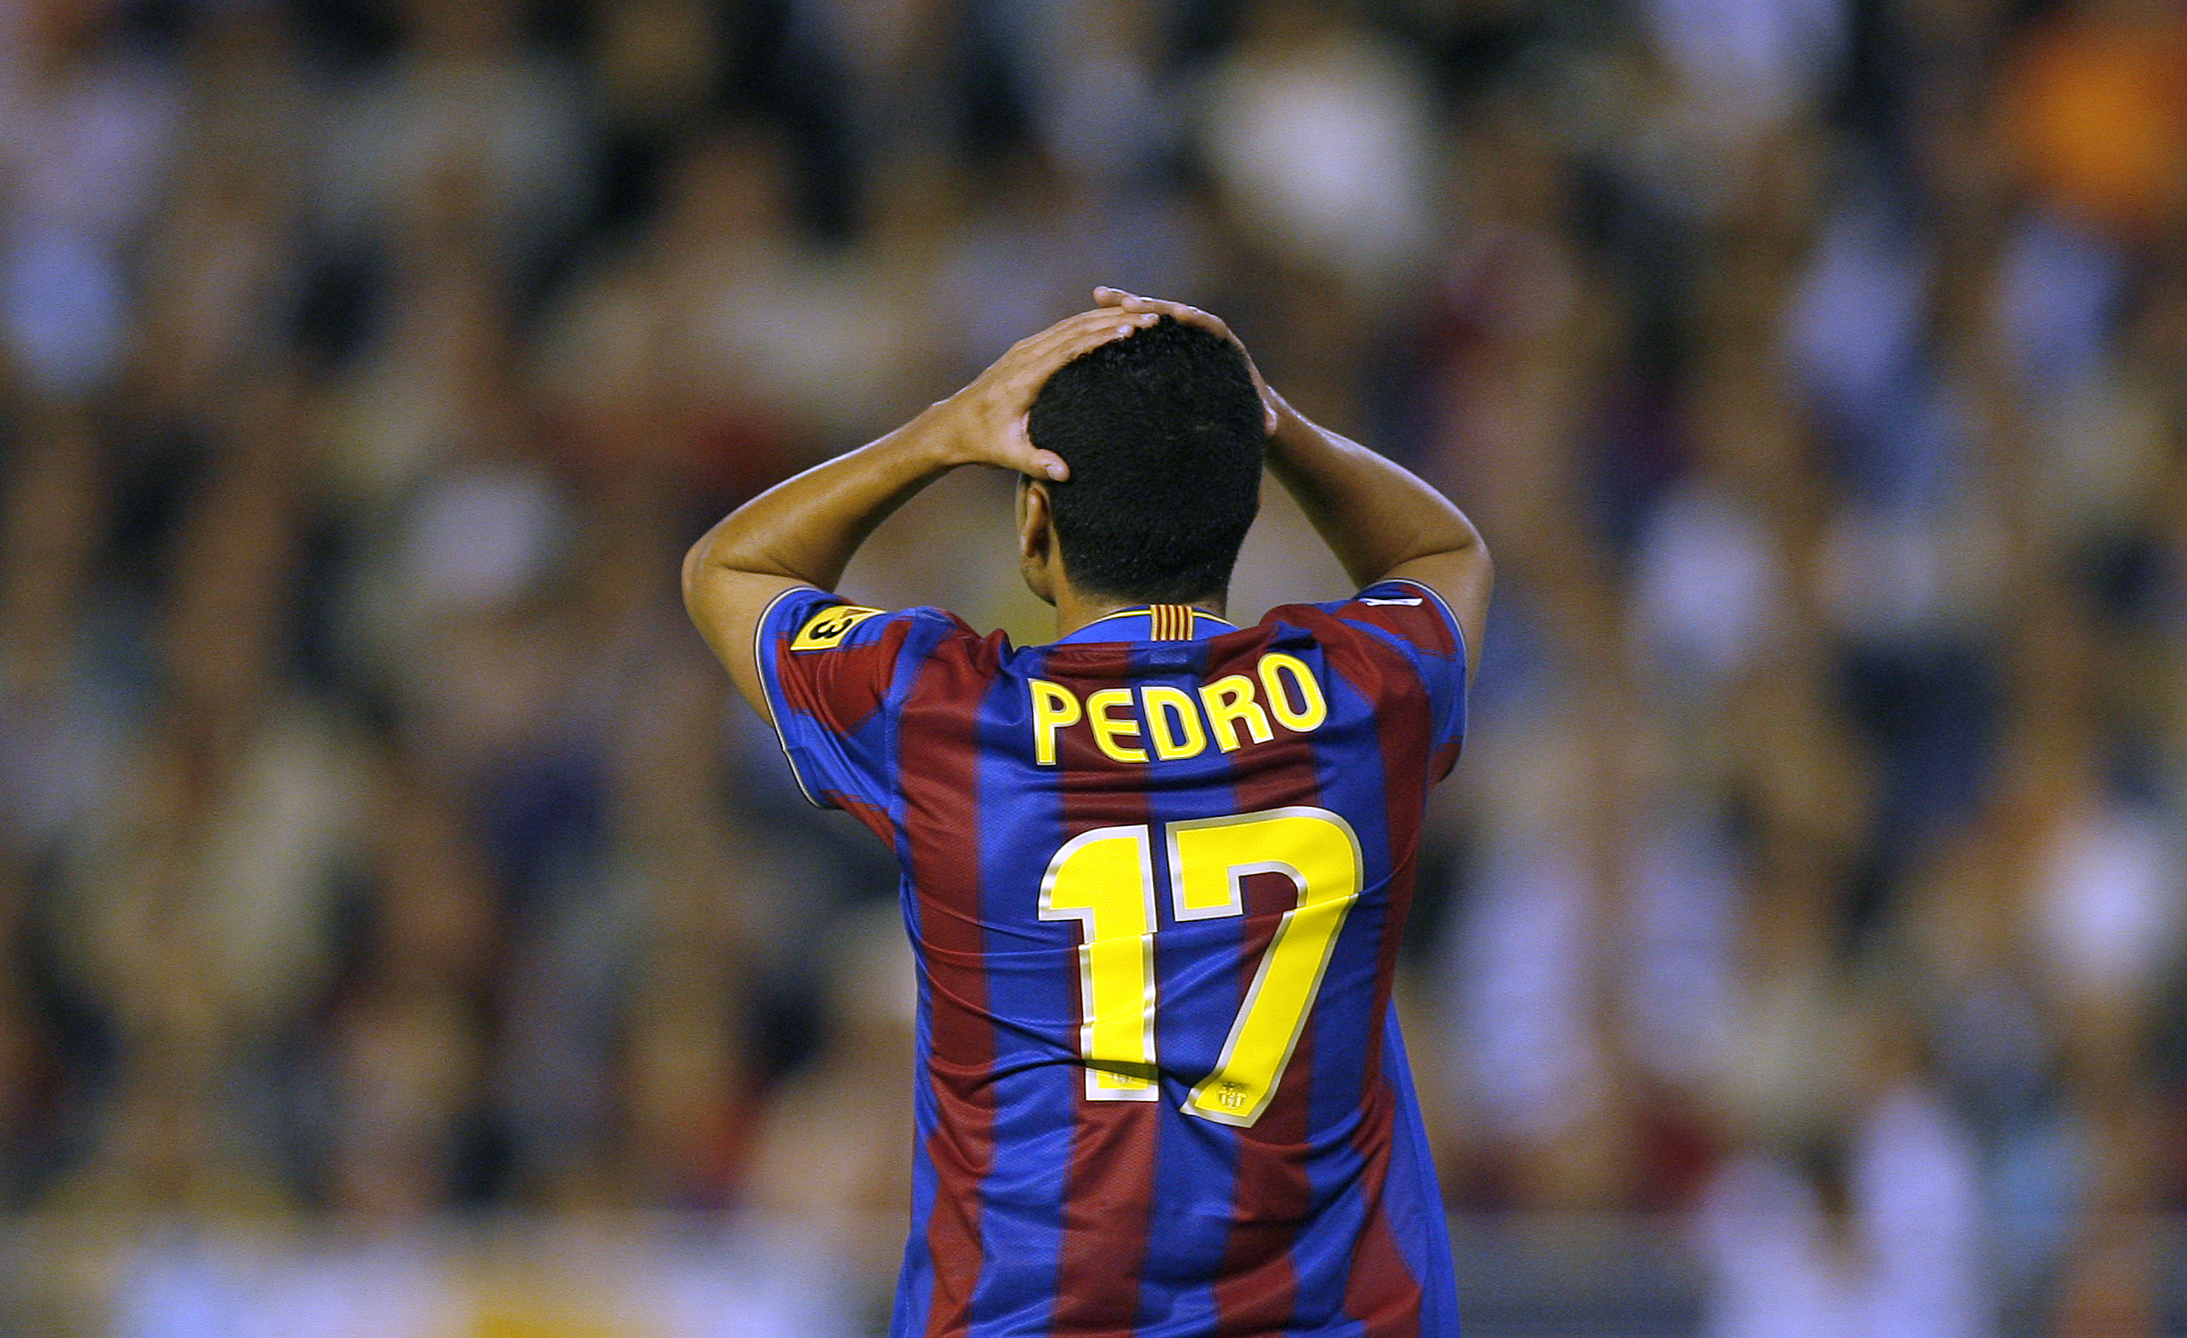 Chelsea Manager Mourinho Compares Pedro With Maradona